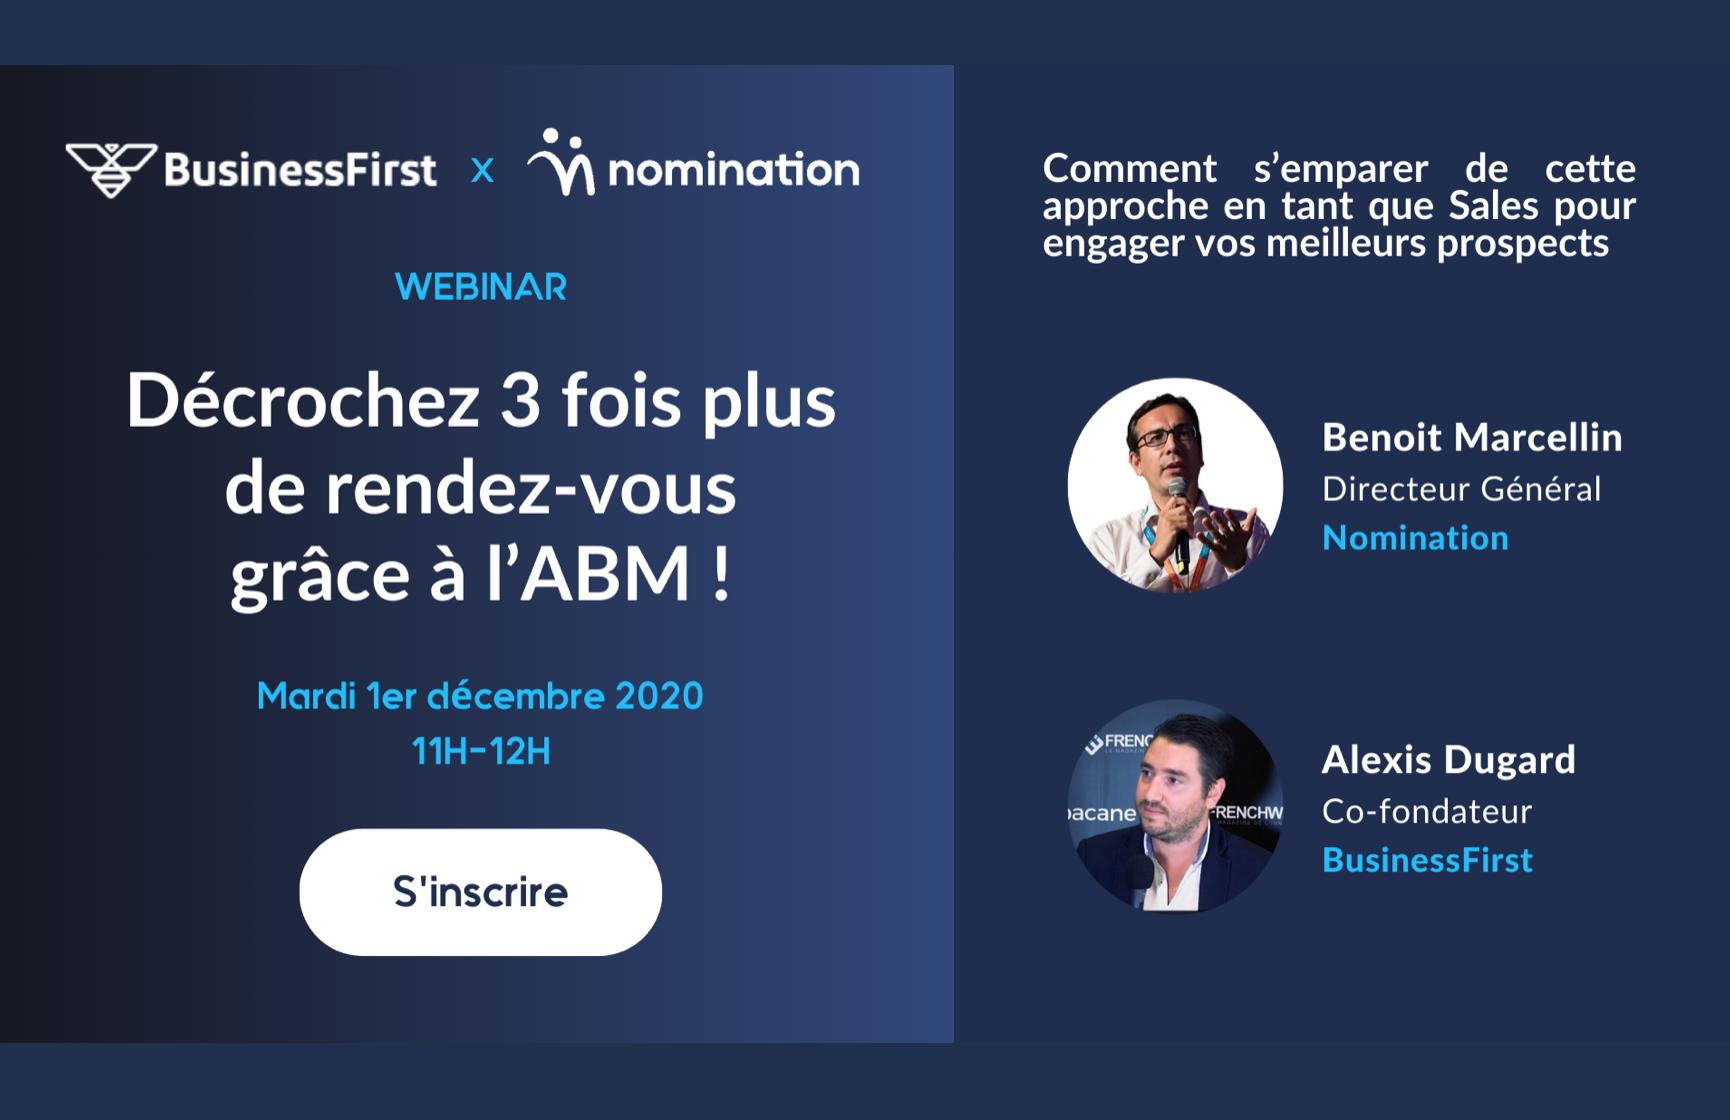 Évènement Décrochez 3 fois plus de rendez-vous grâce à l'ABM ! Nomination